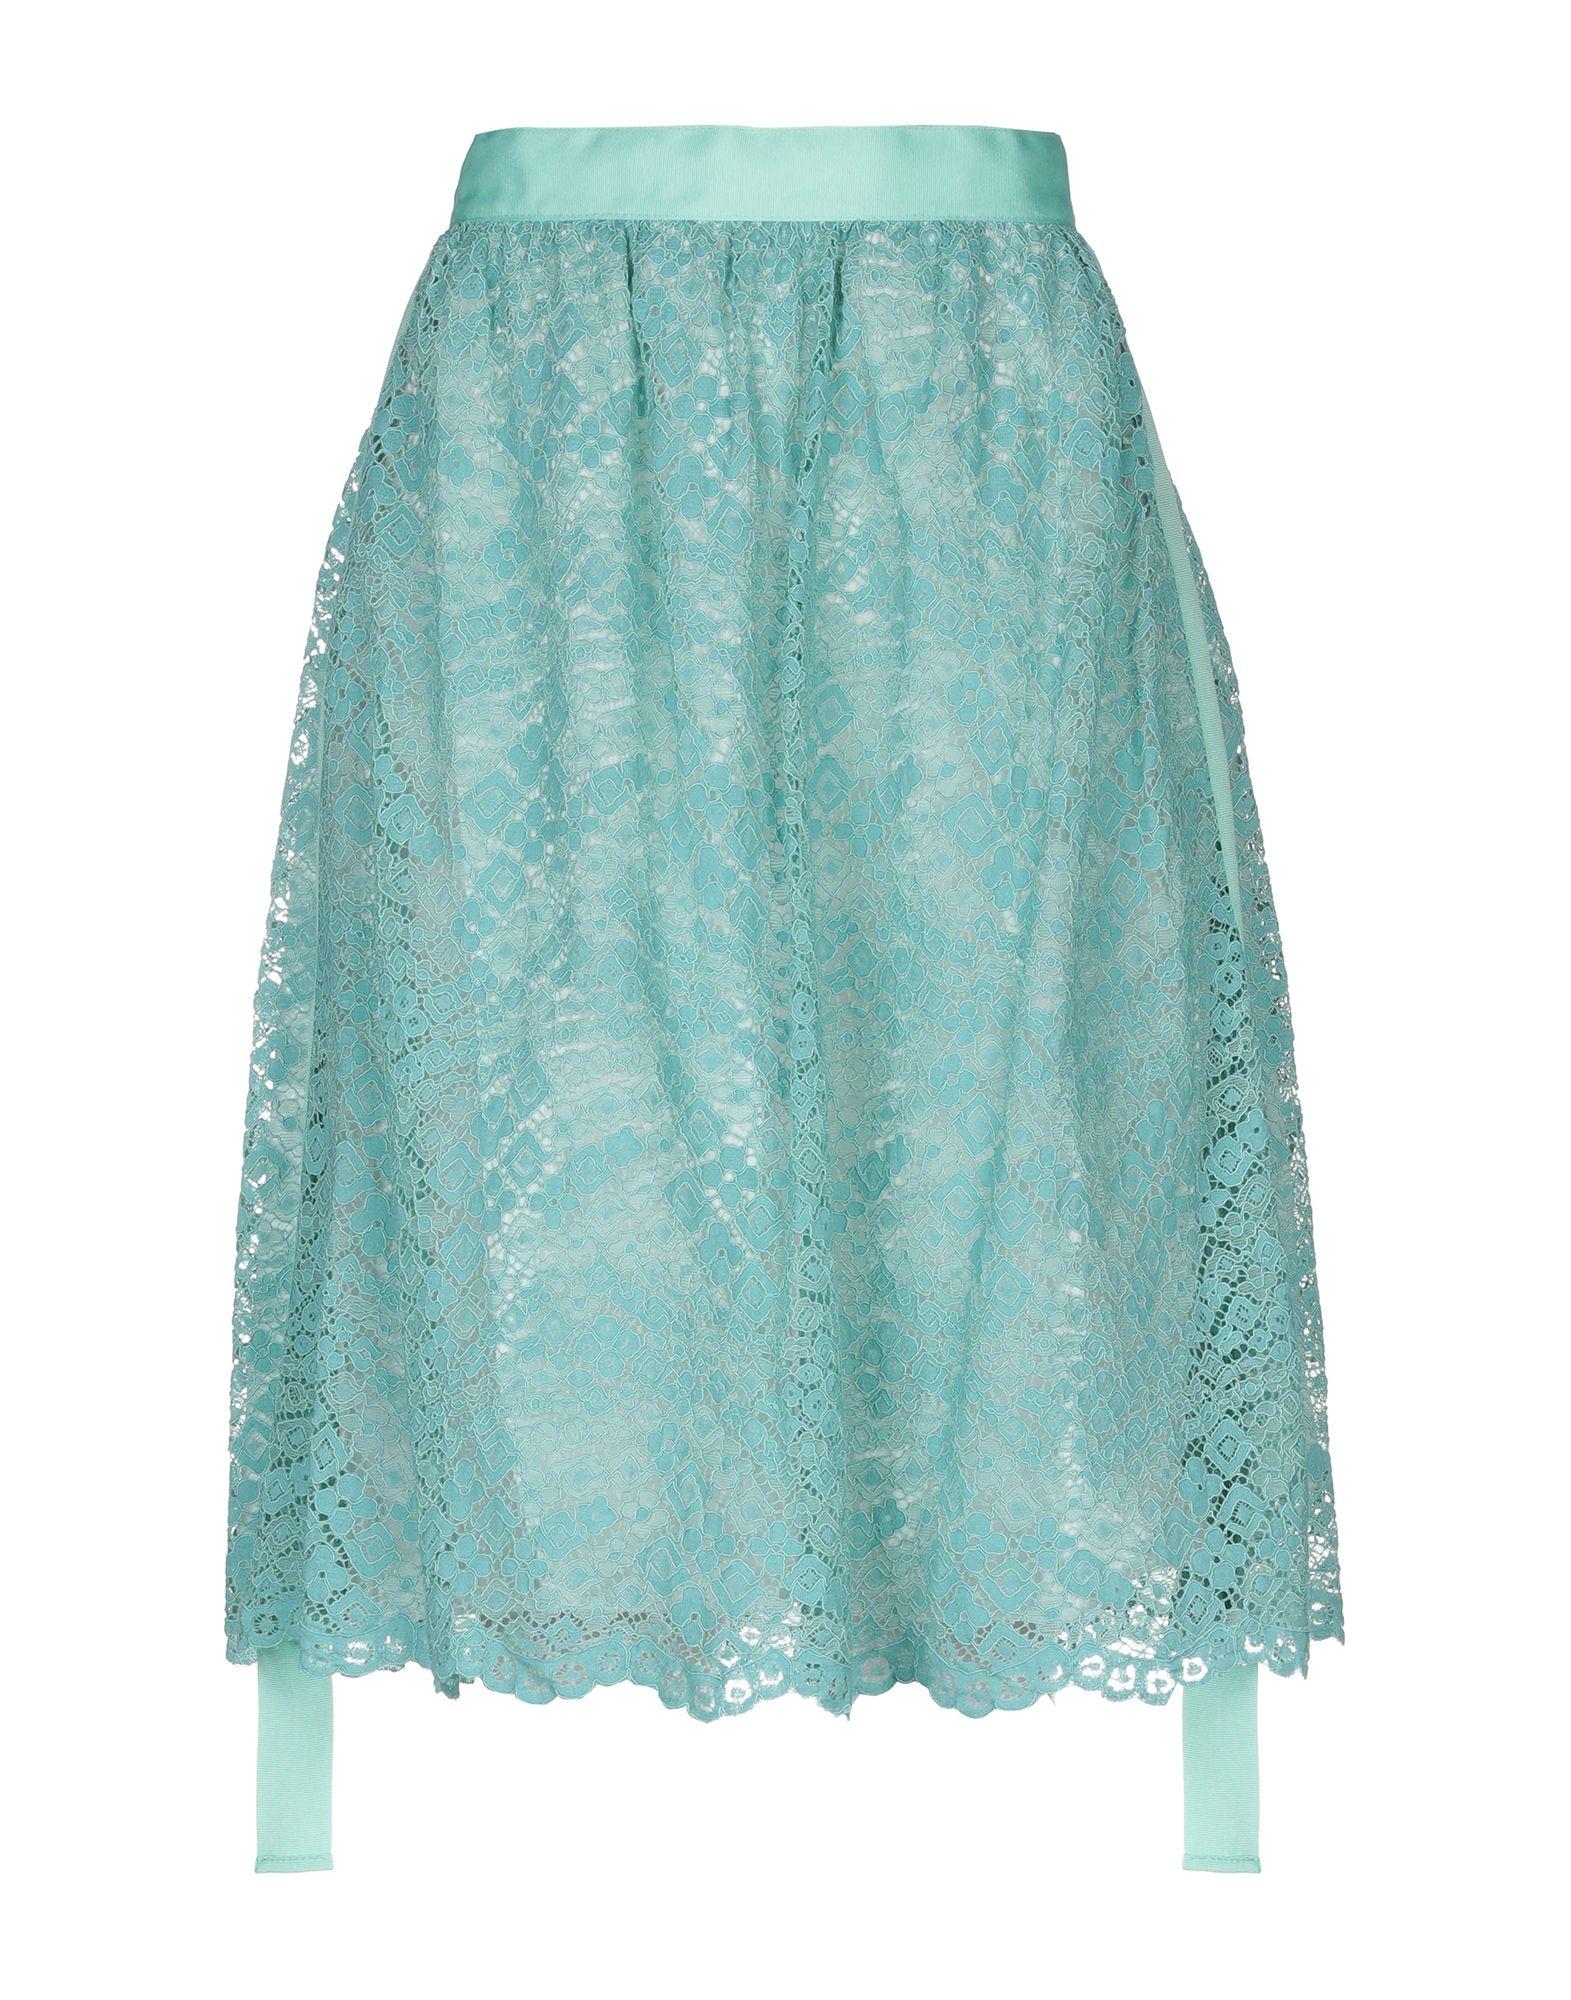 SISTE' S Юбка до колена юбка s cool юбка